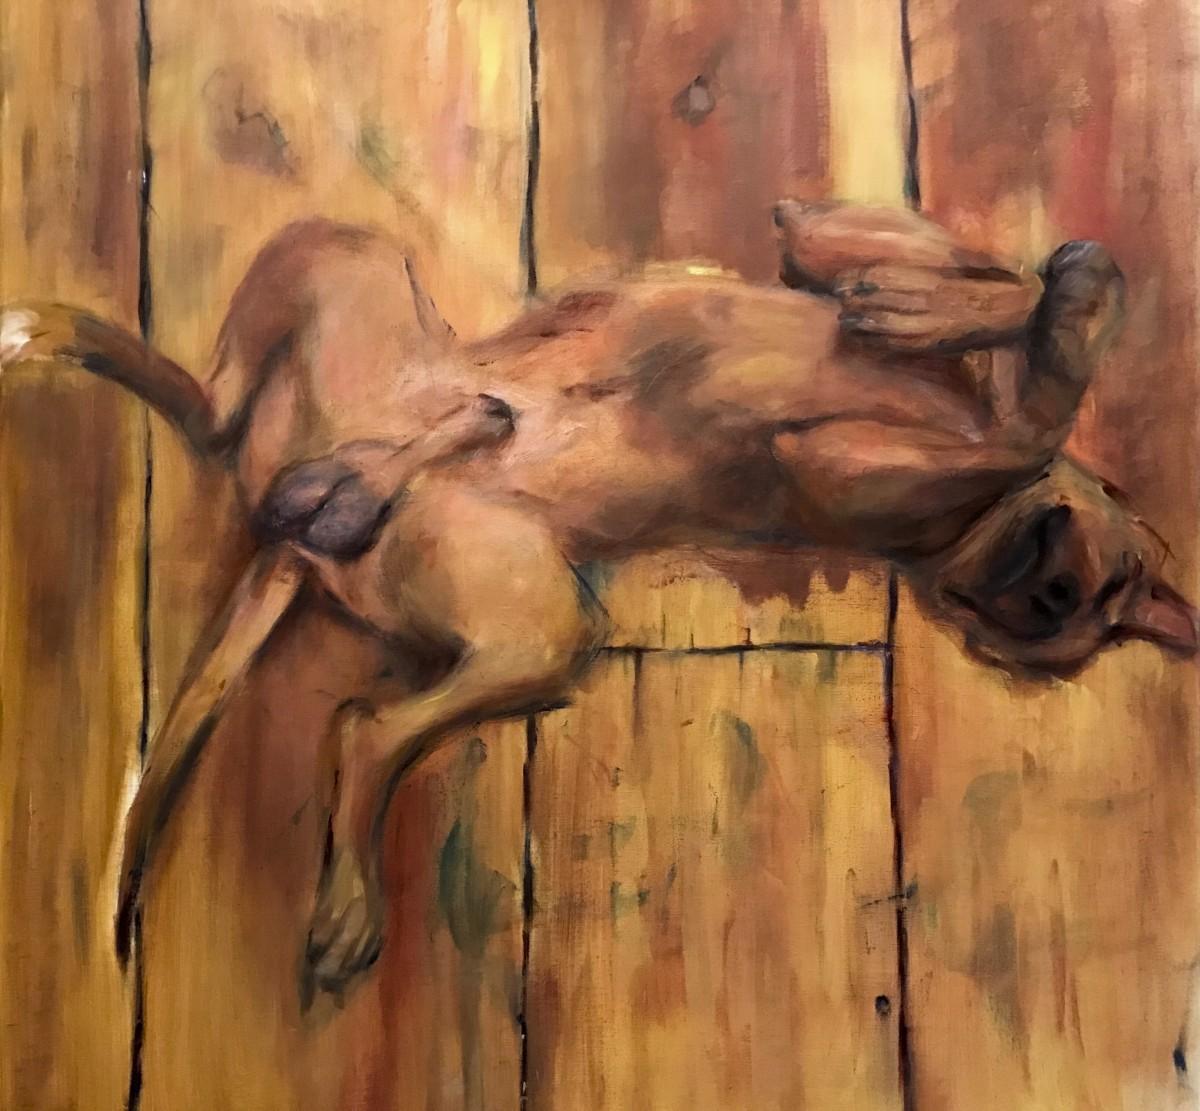 Rocker, onze hond schilderen in zijn favoriete houding op de grond